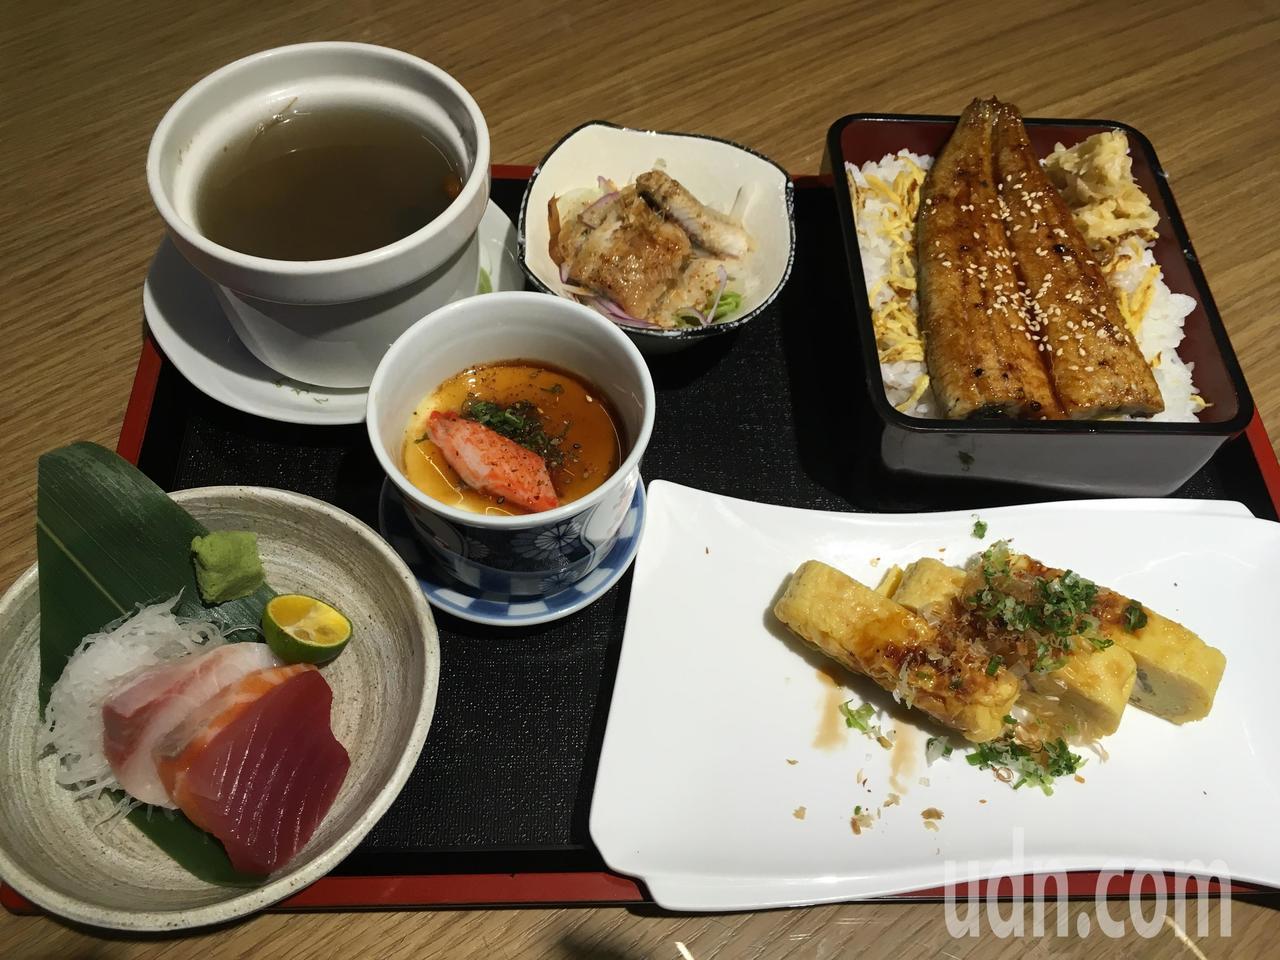 新竹「久保鰻作城」也吃到外銷日本同等級的鰻魚,圖為鰻魚套餐。記者張雅婷/攝影